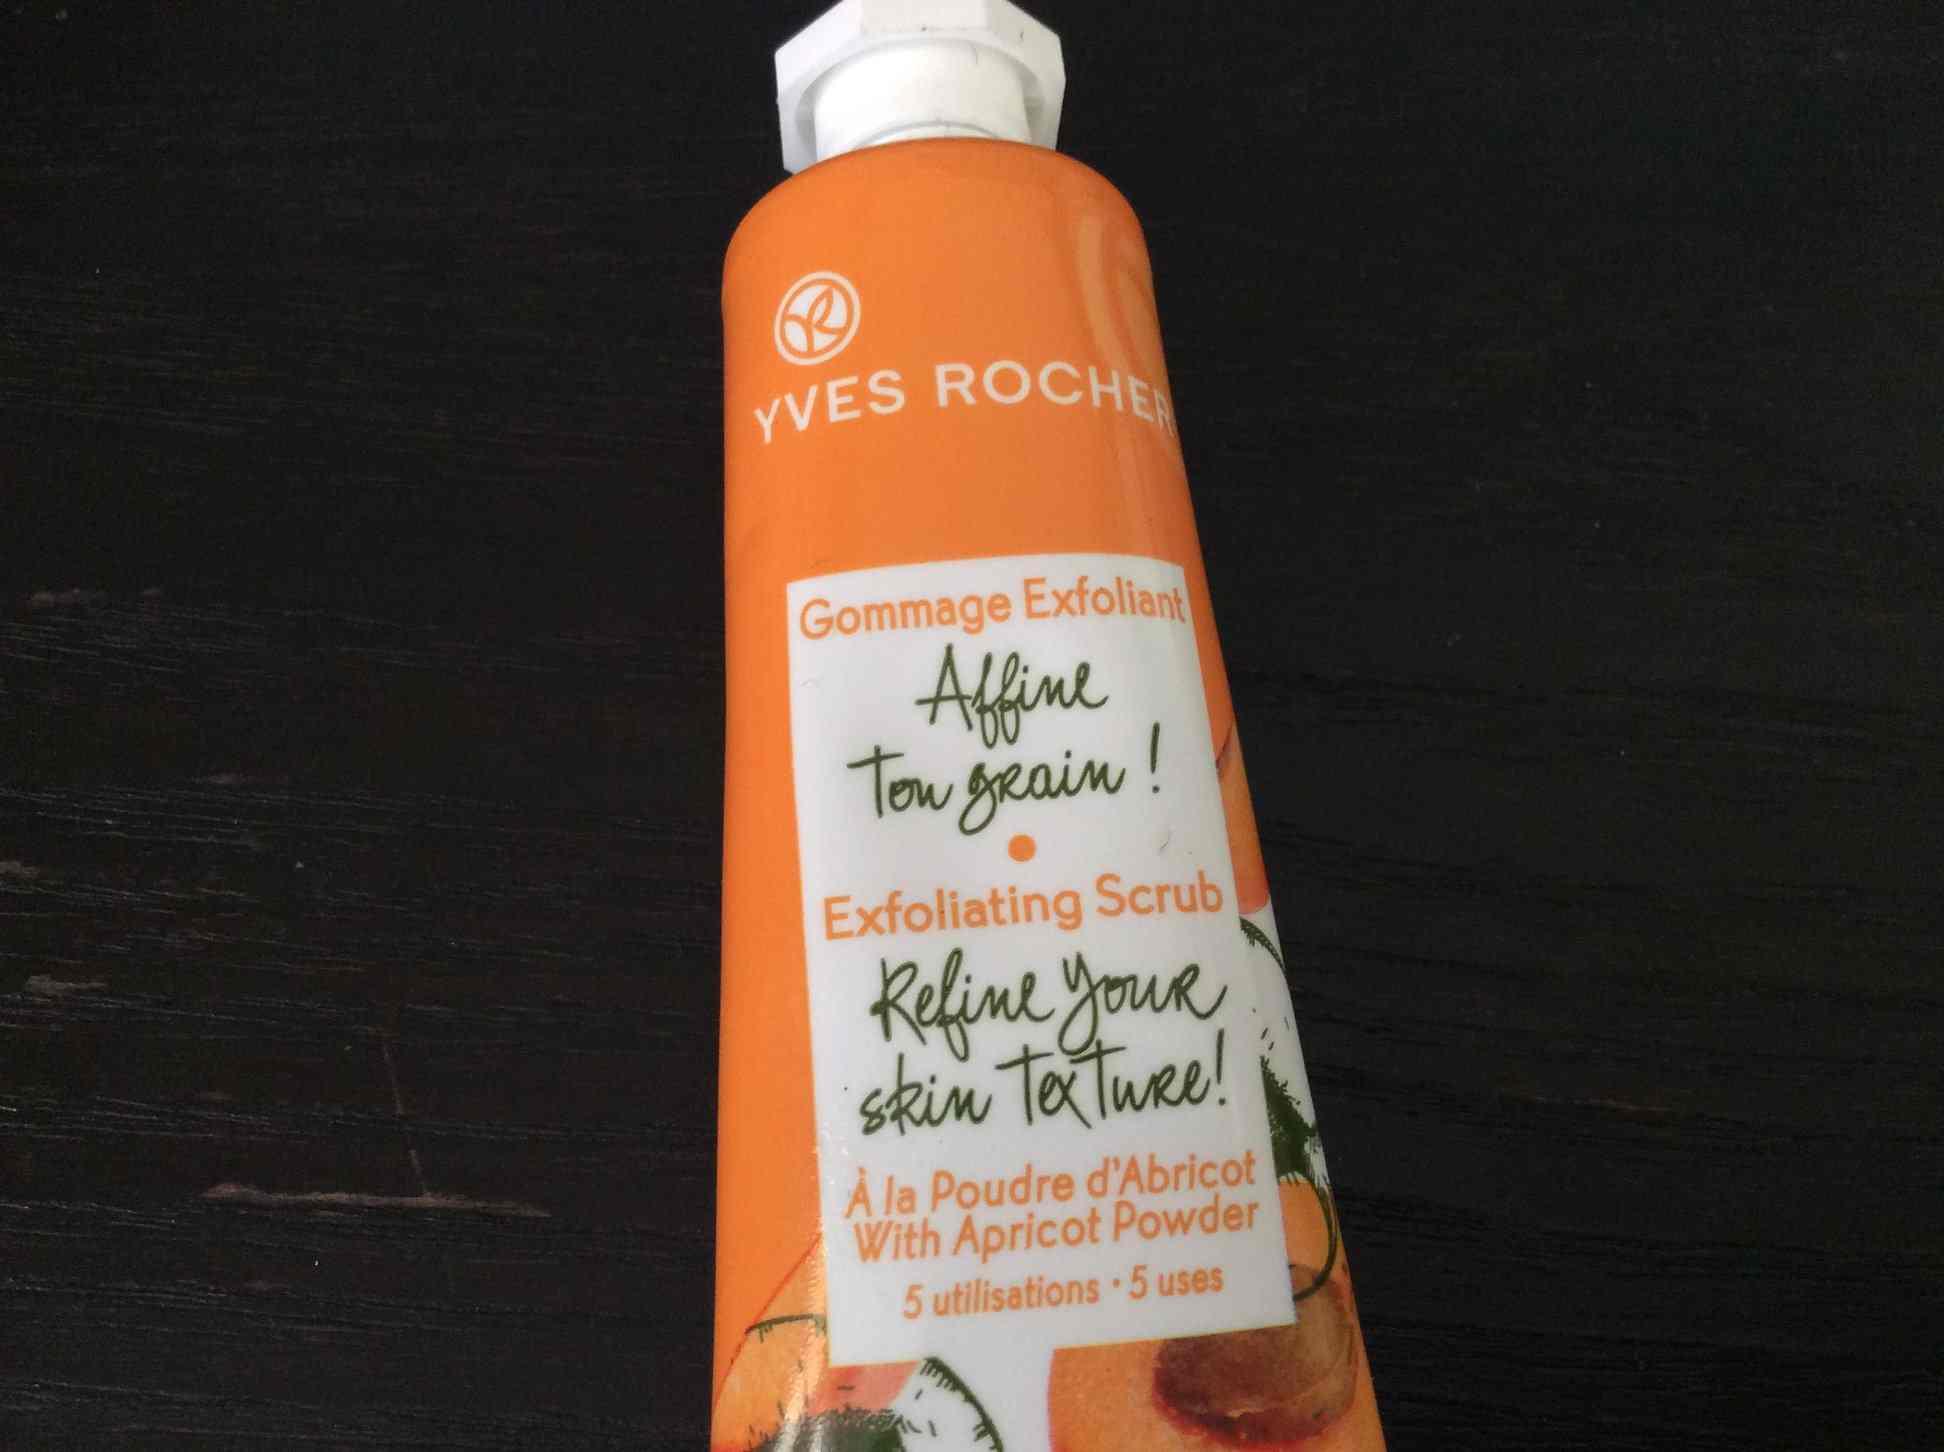 Le gommage exfoliant Affine Ton Grain à la poudre d'abricot de Yves Rocher